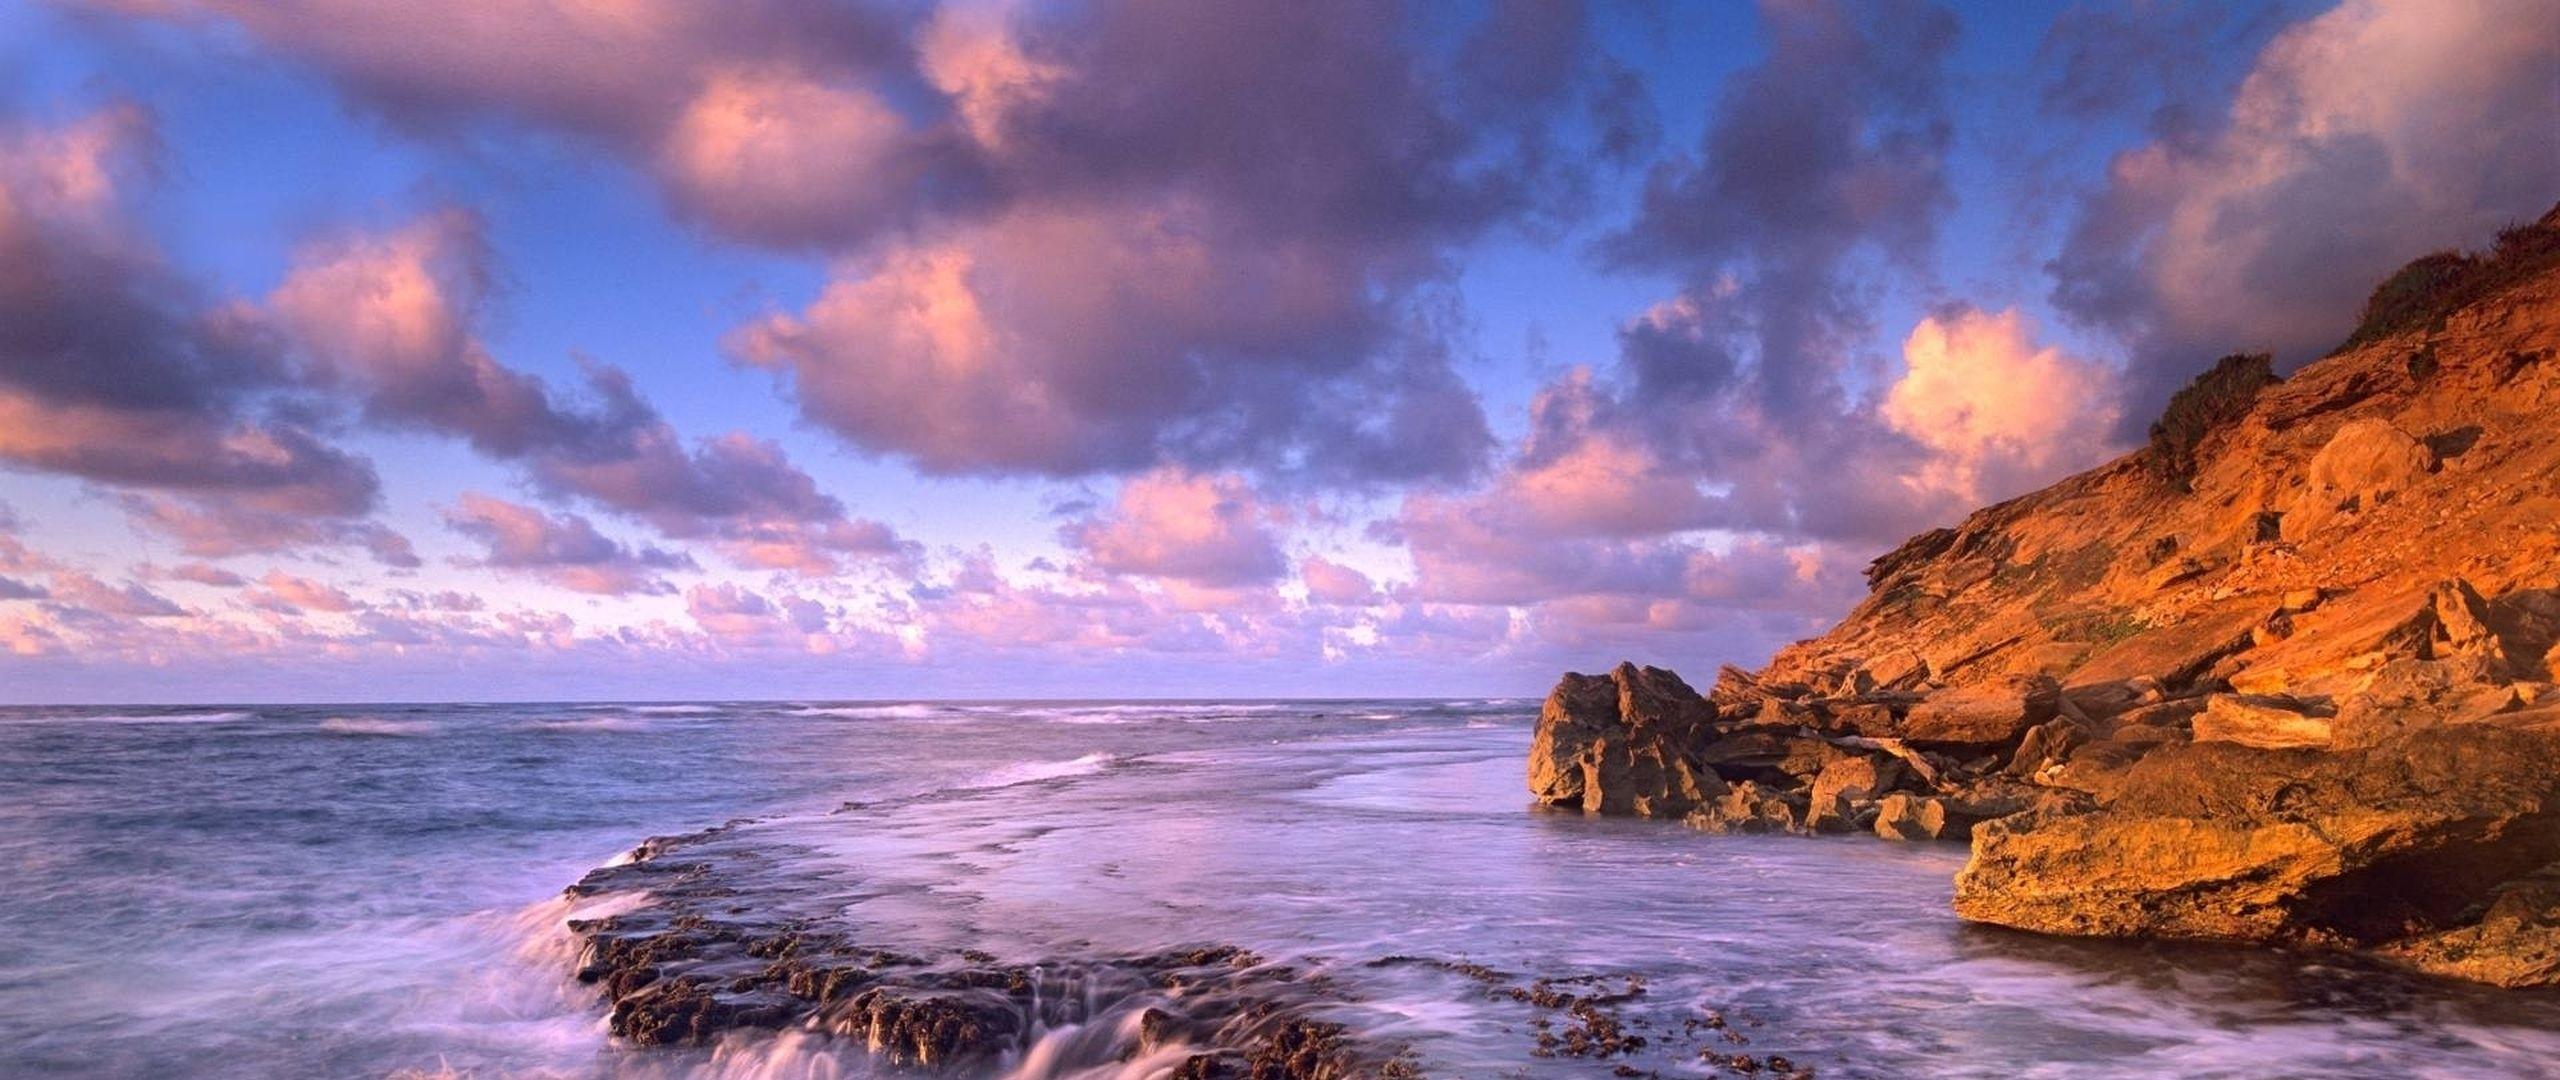 Download Wallpaper Sea, foam, Light 21 .